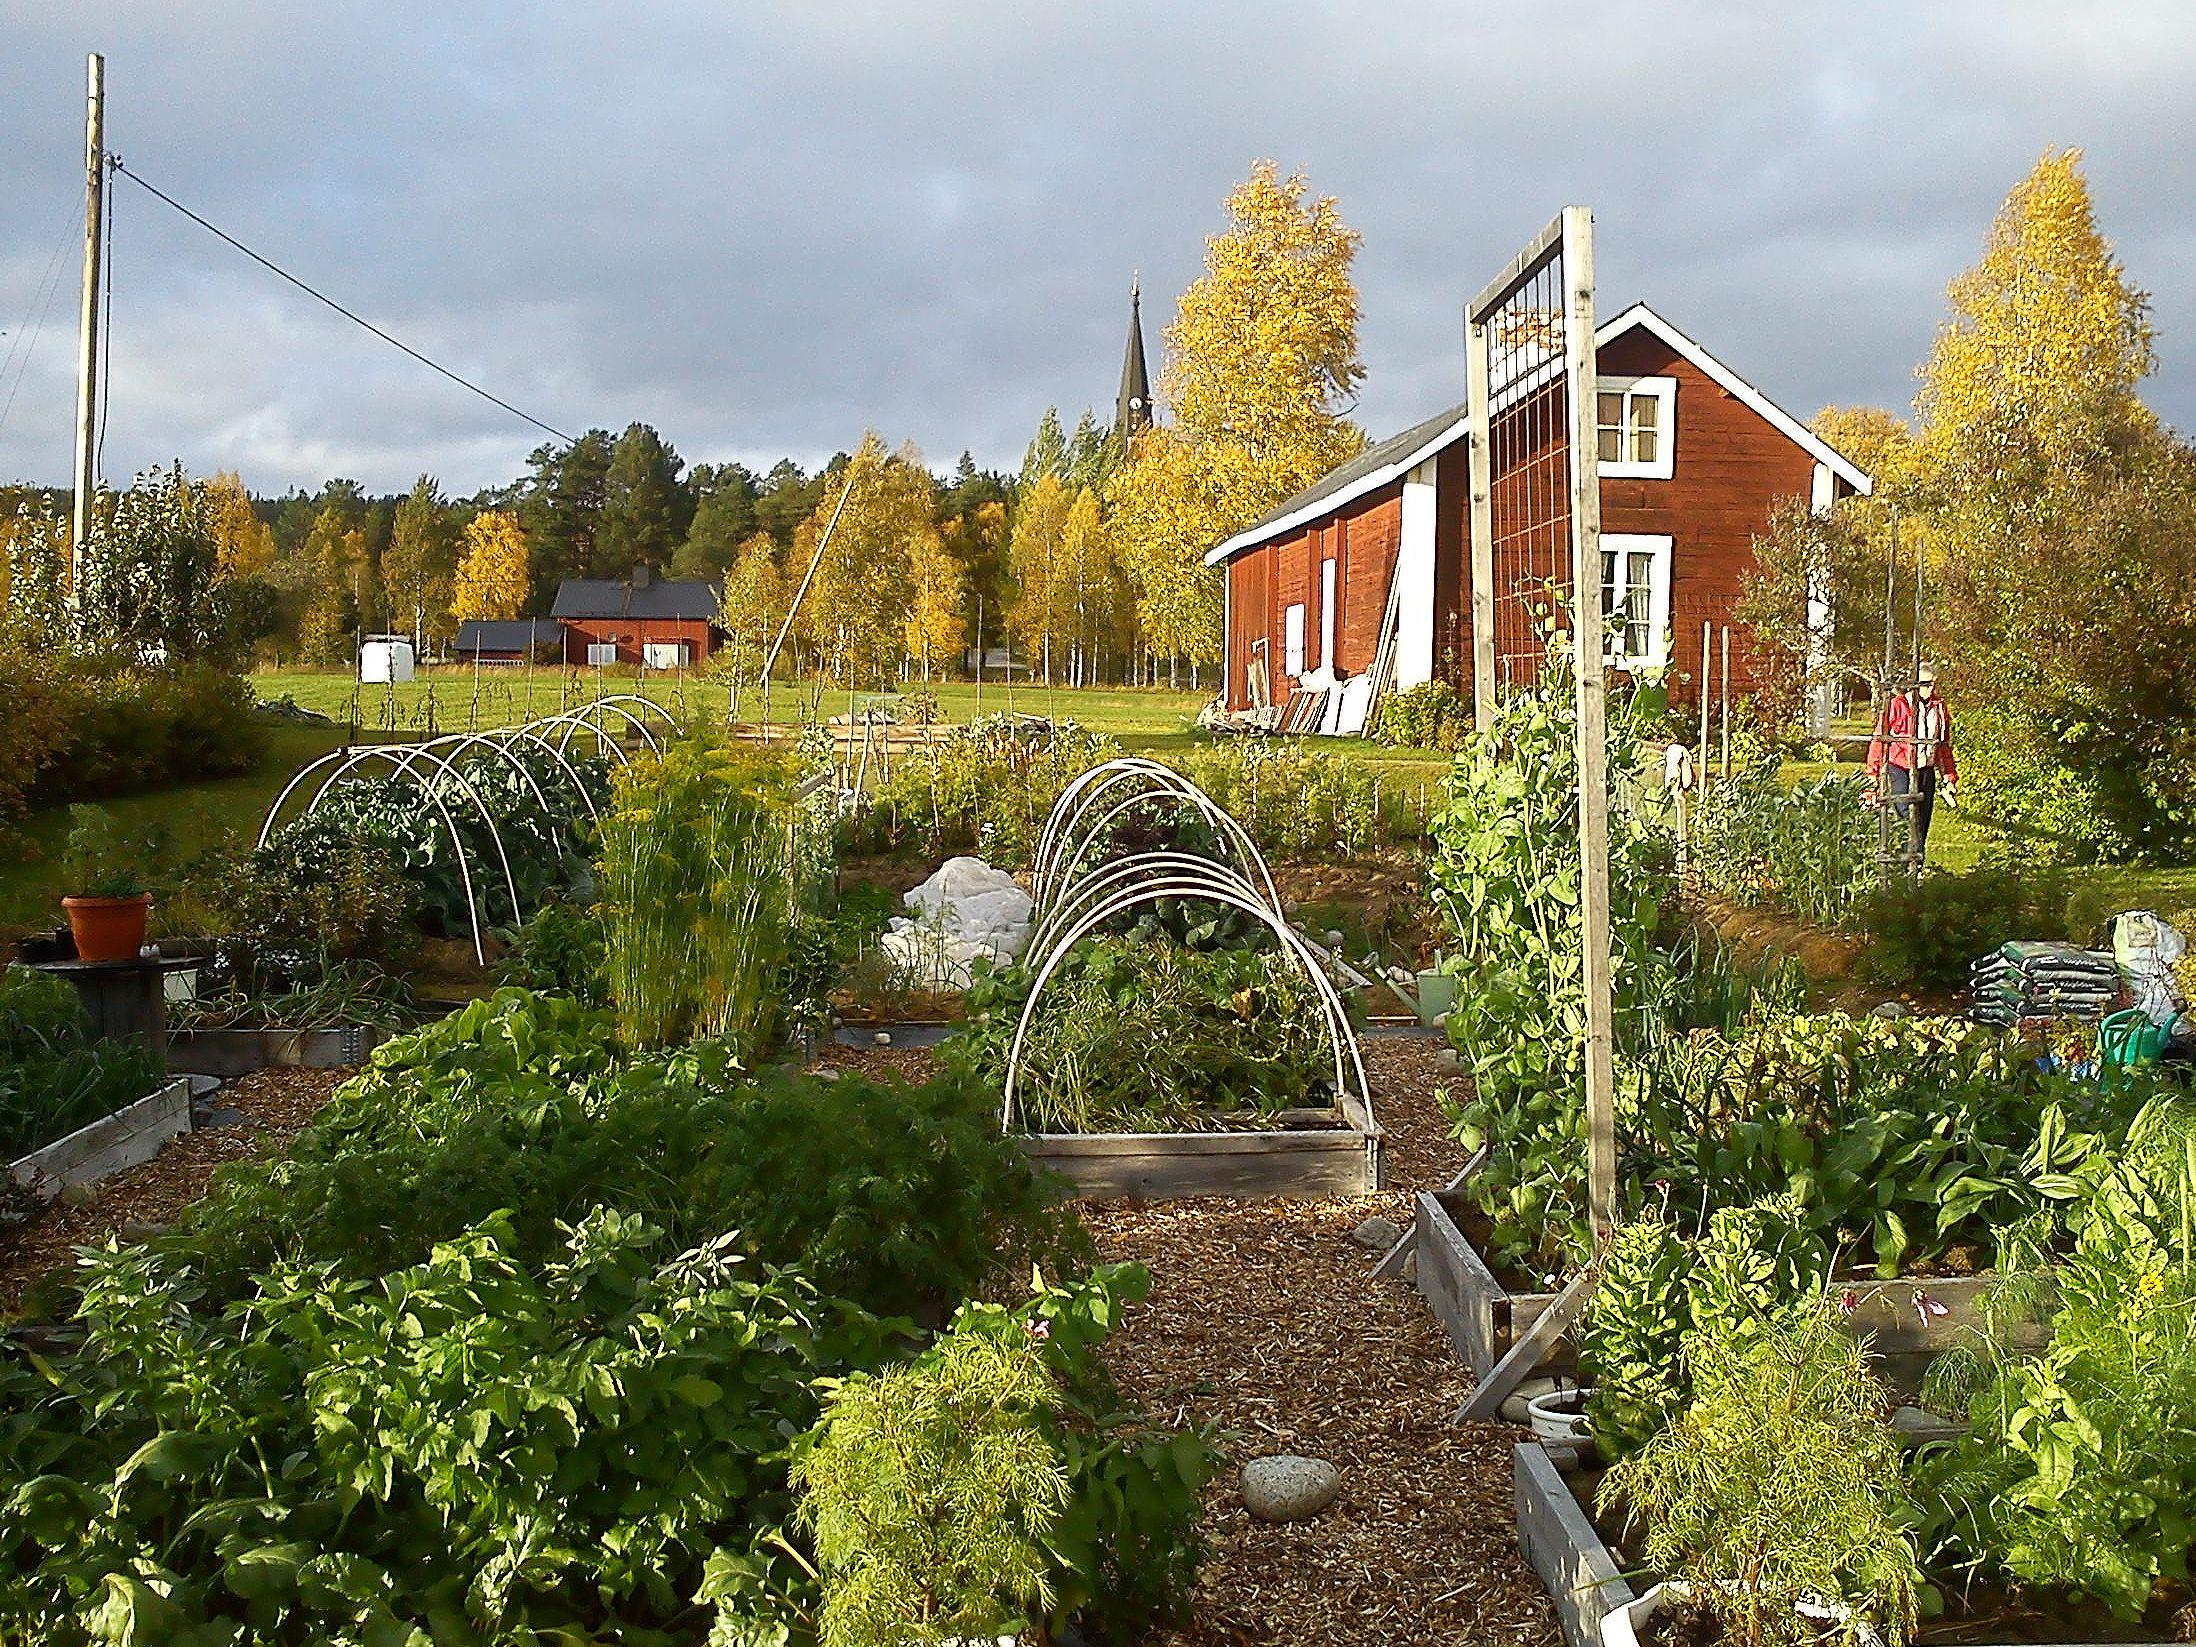 En välfylld köksträdgård i norr med prunkande odlingsbäddar framför ett rött hus.